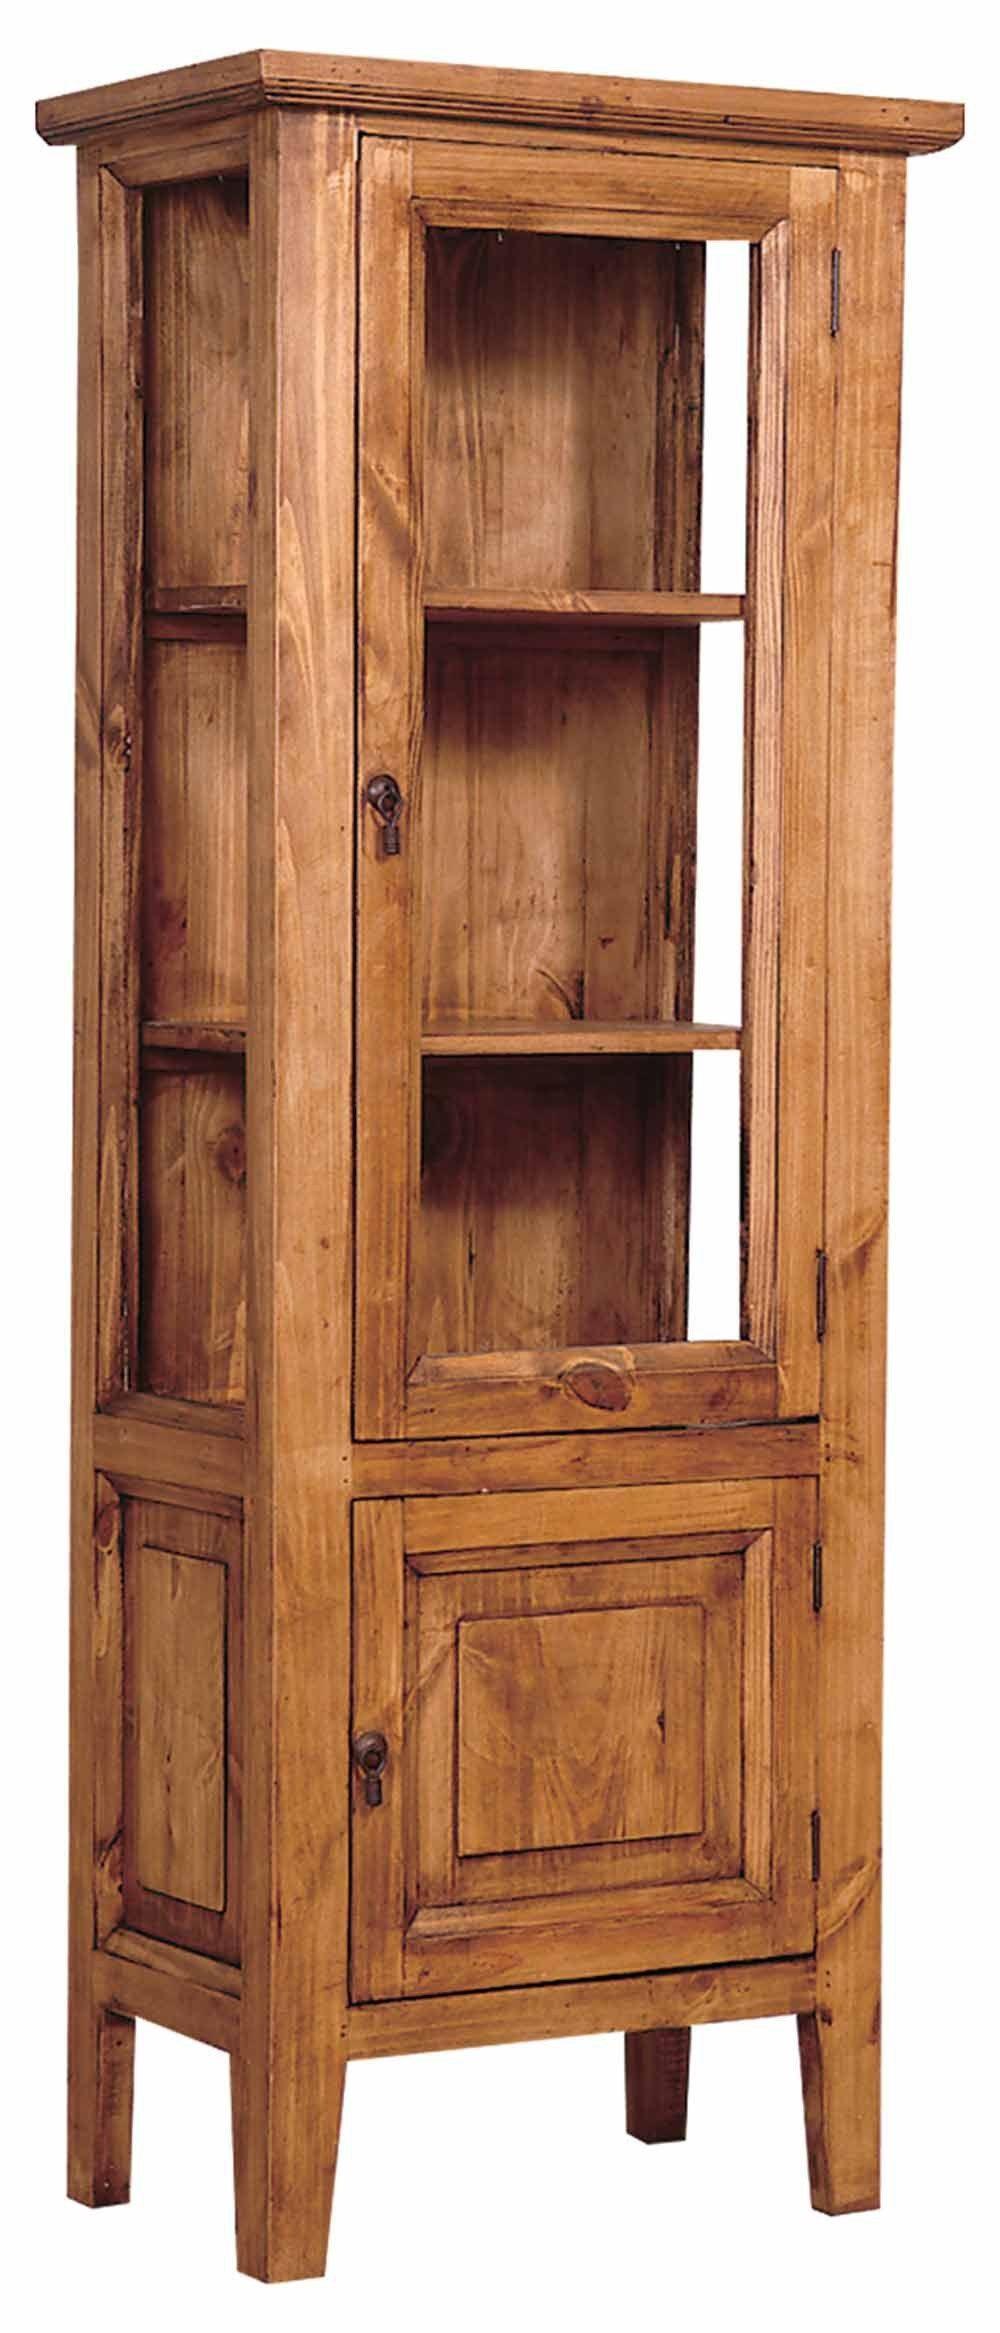 Trends In Furniture U2013 Shabby Chic Furniture